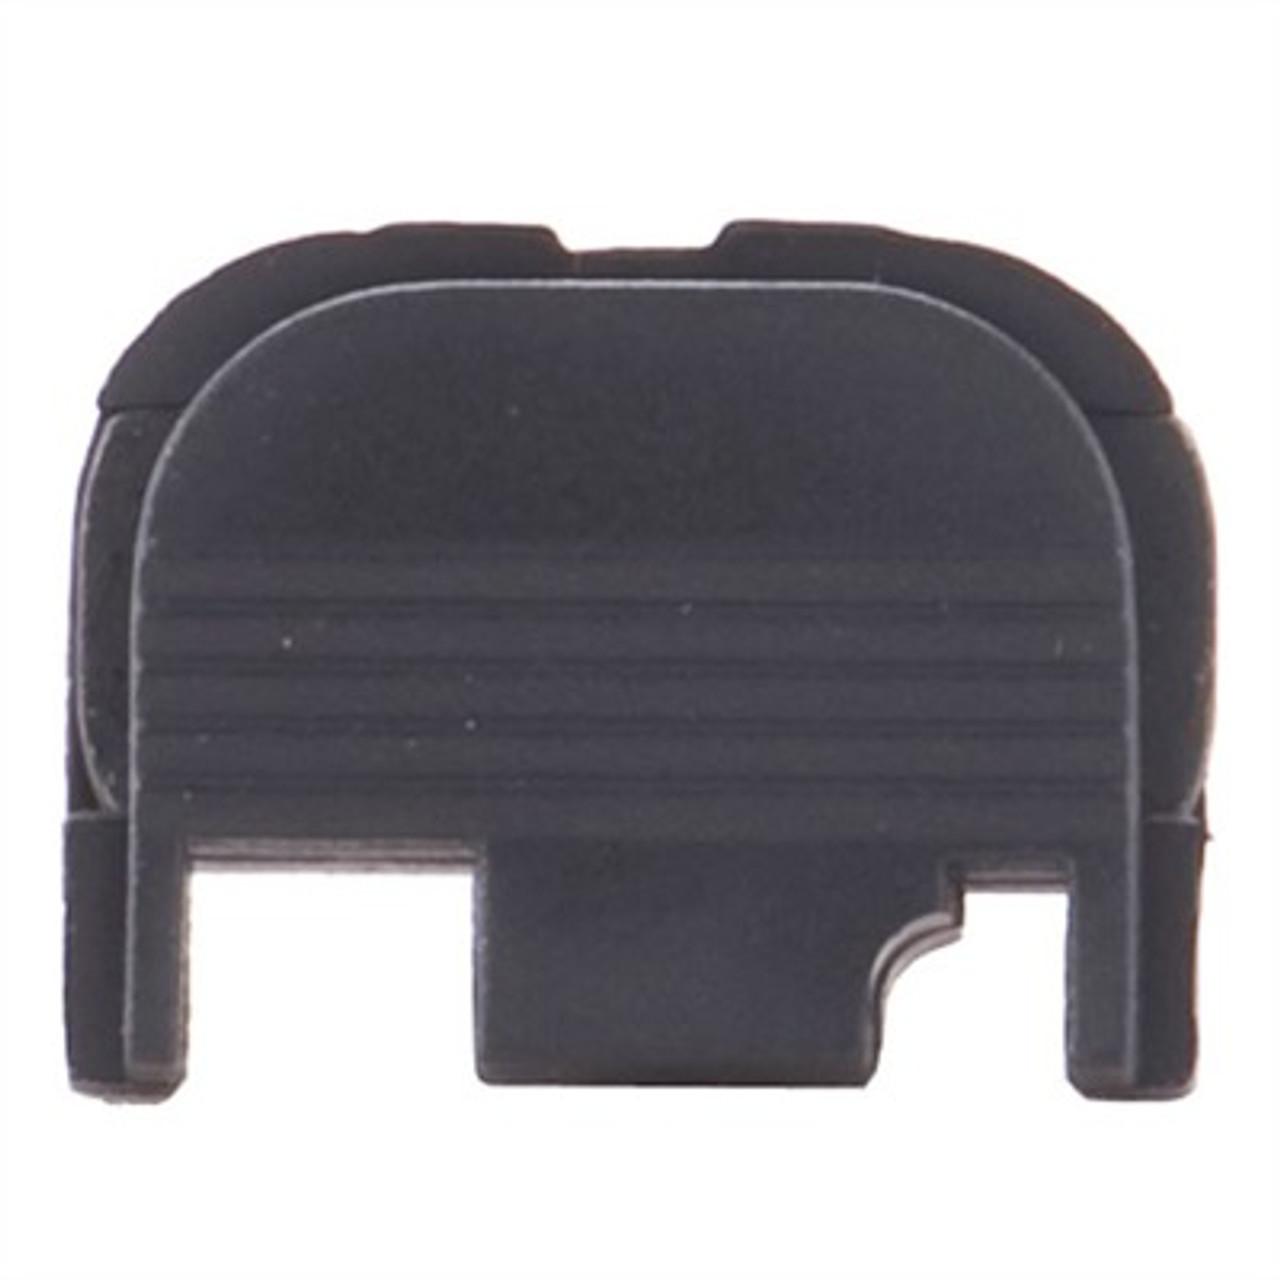 Glock Slide Plate Cover